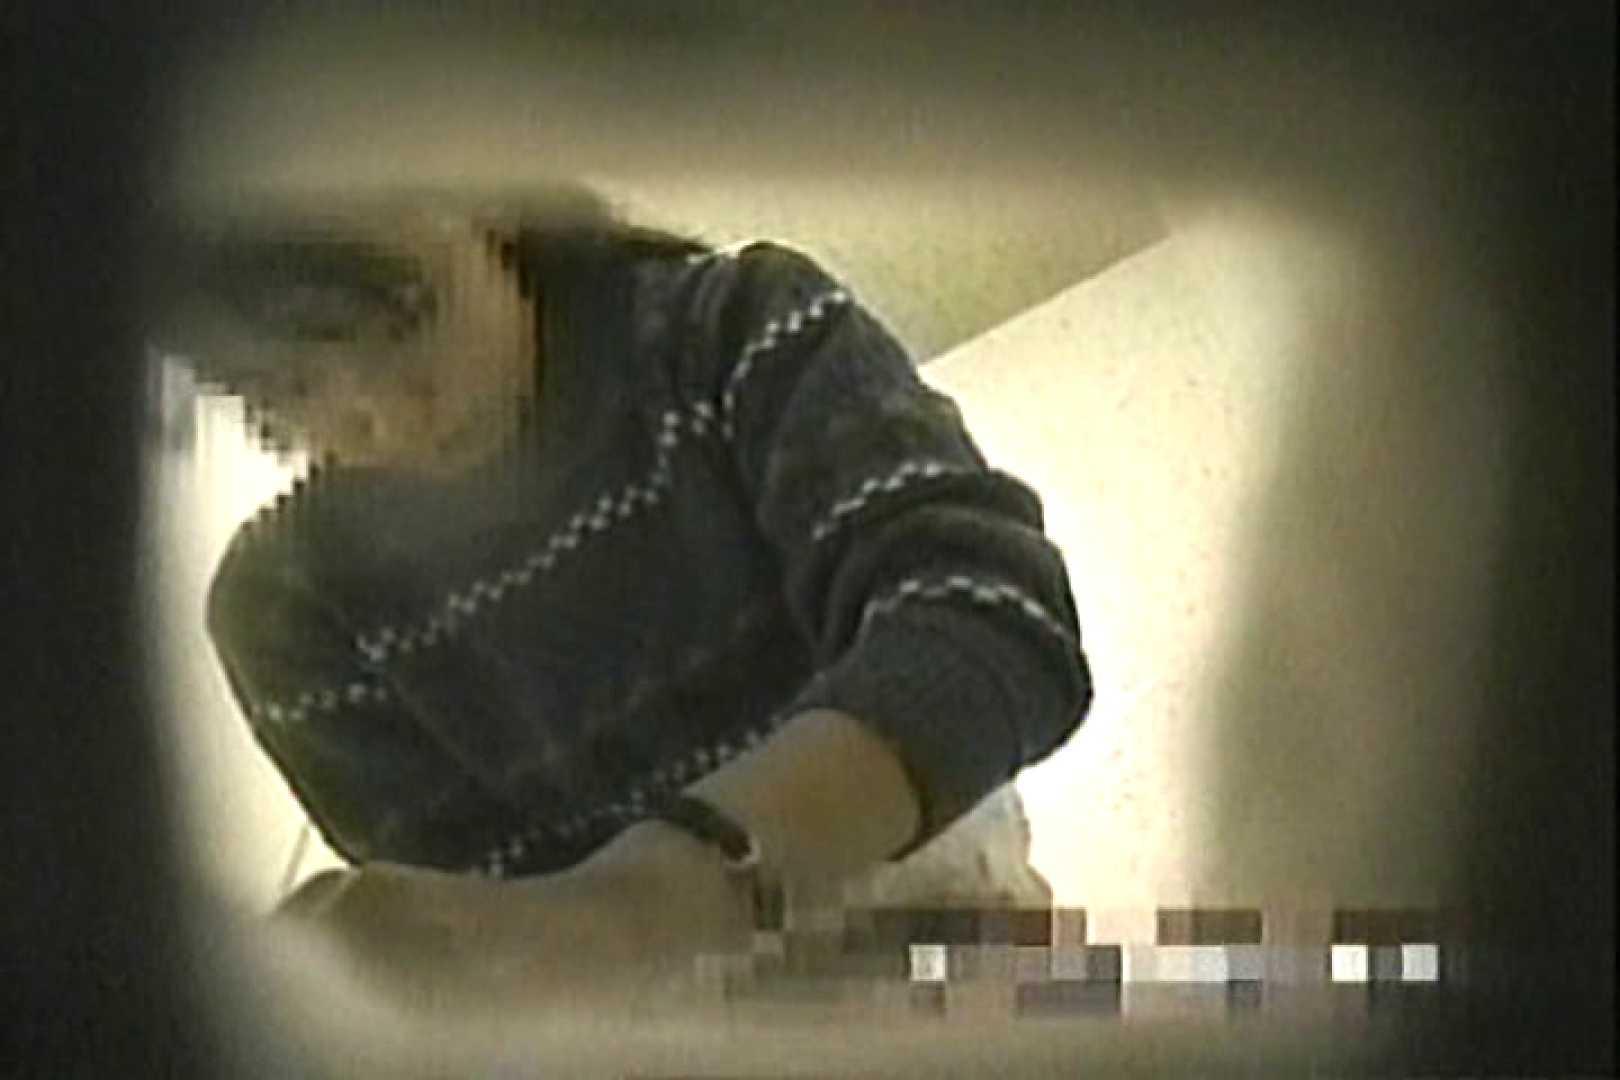 女子洗面所盗撮 今度の2カメは若い子だらけ  TK-127 盗撮 | 洗面所  73PIX 51